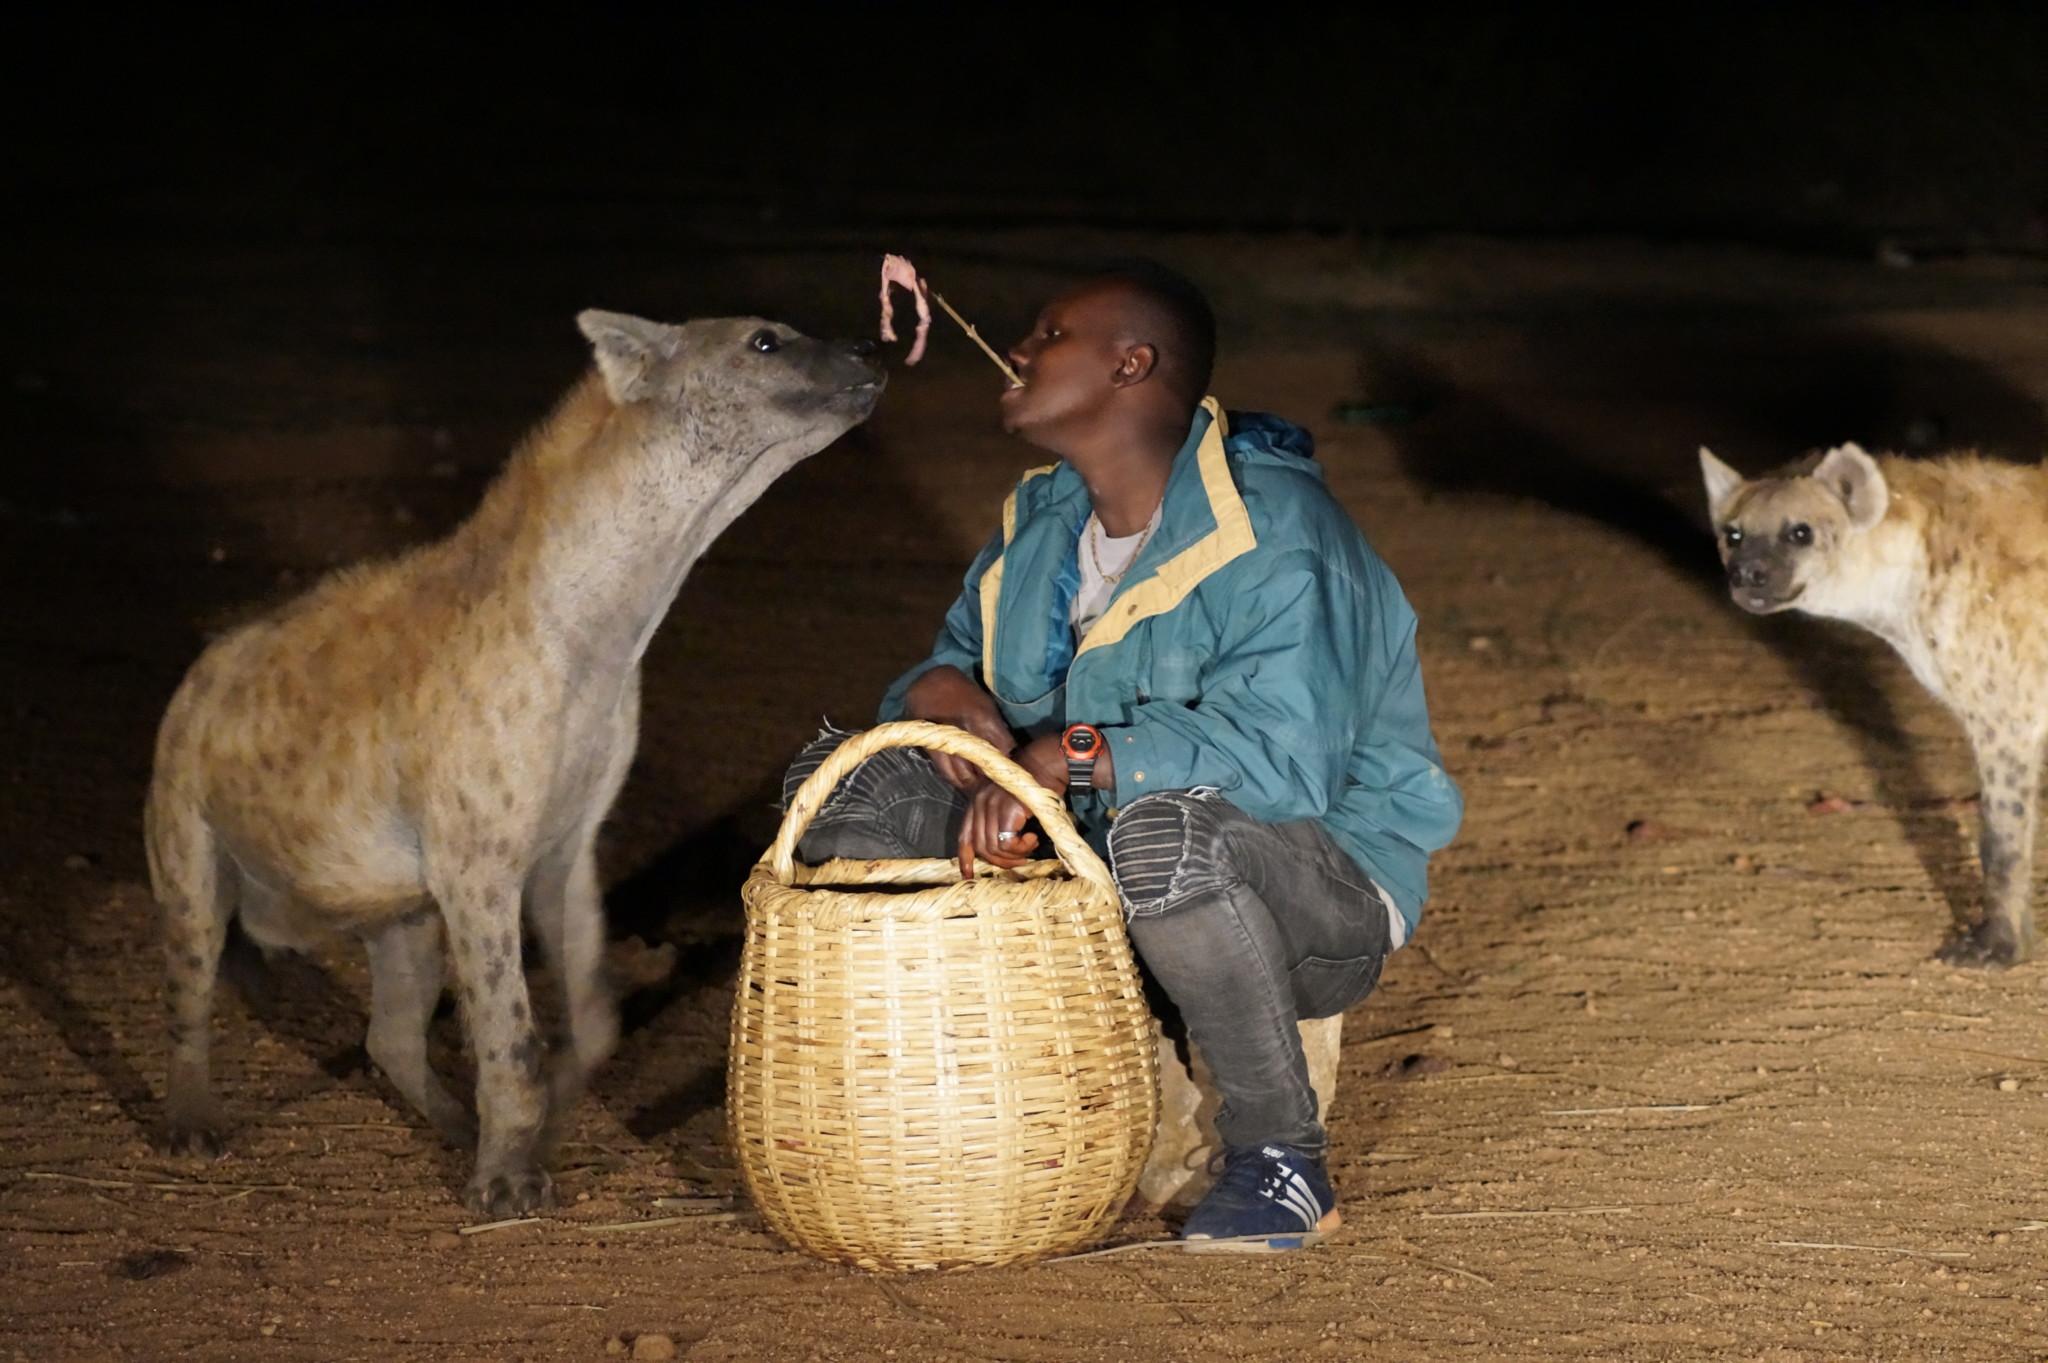 Hyänen von Harar gehören zu den Äthiopien Sehenswürdigkeiten